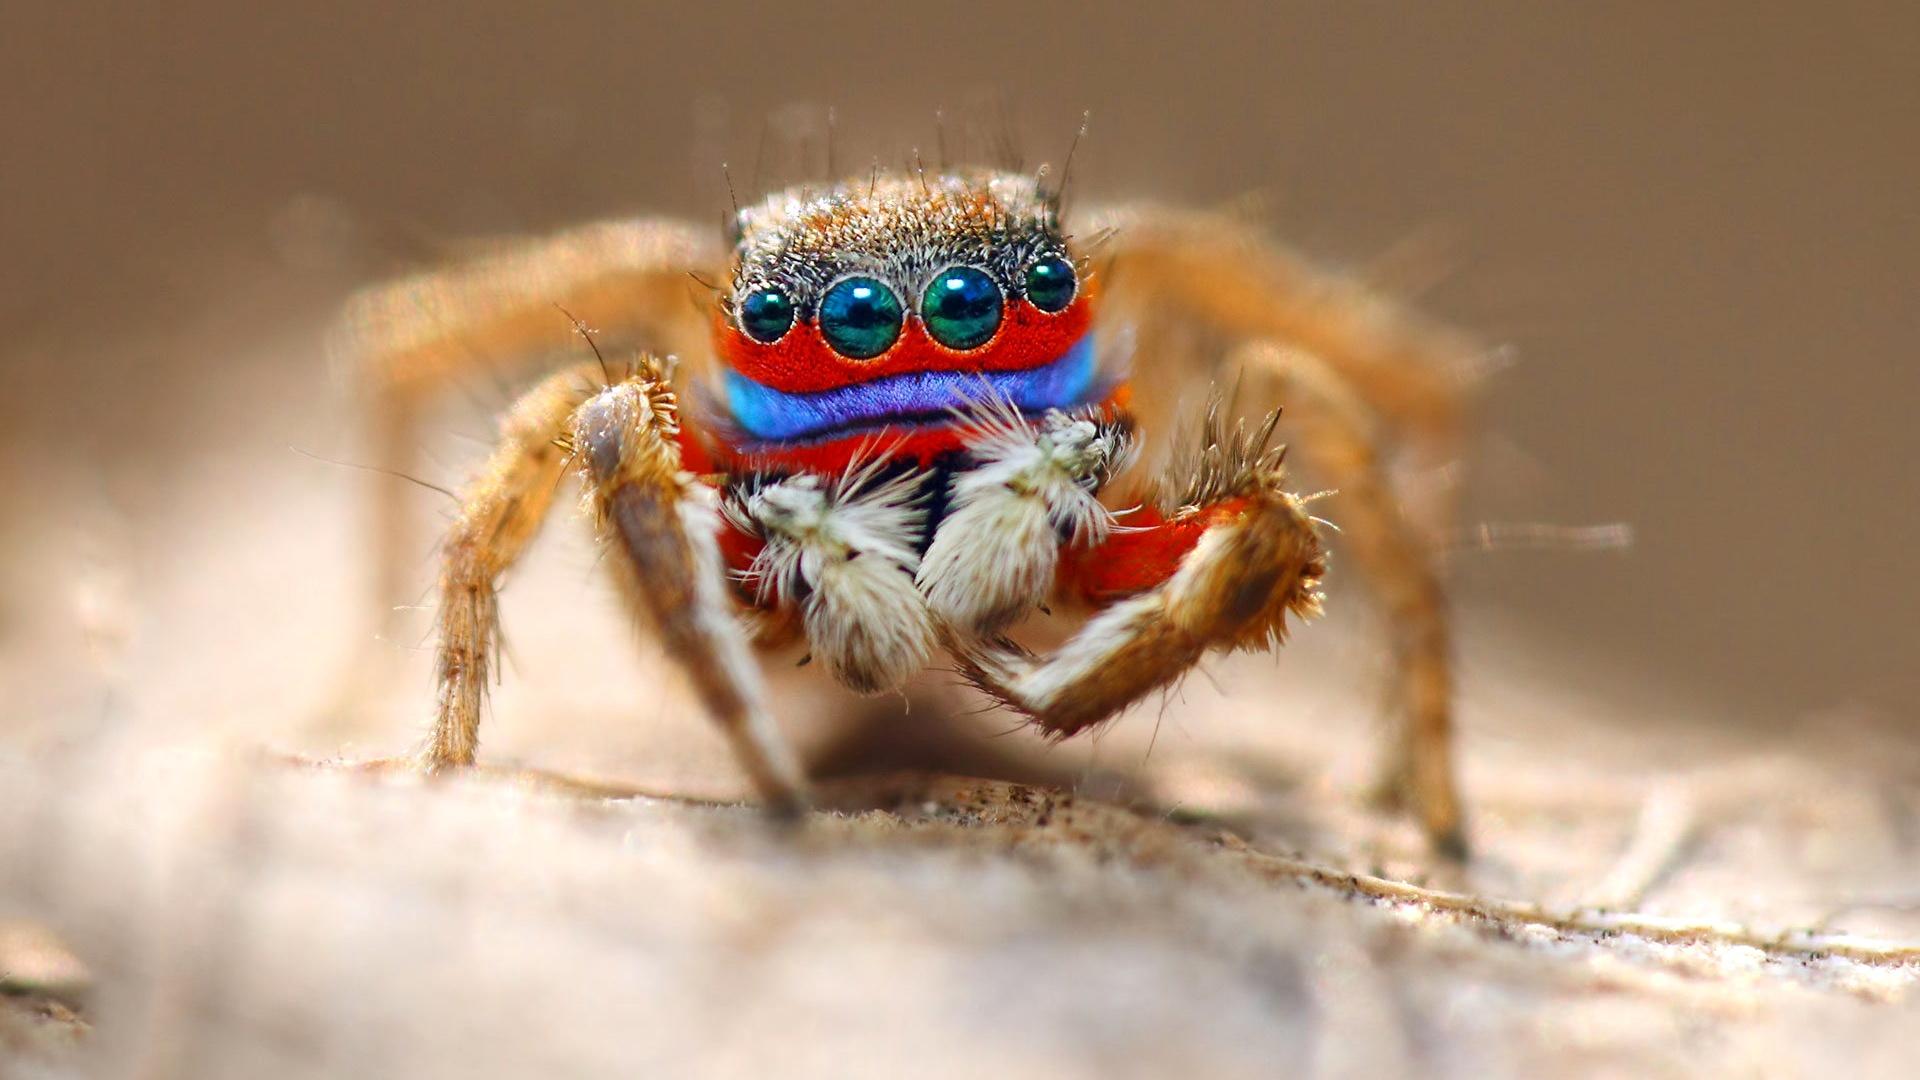 壁纸 蜘蛛微距摄影,眼睛,昆虫 1920x1080 Full HD 2K 高清壁纸, 图片, 照片